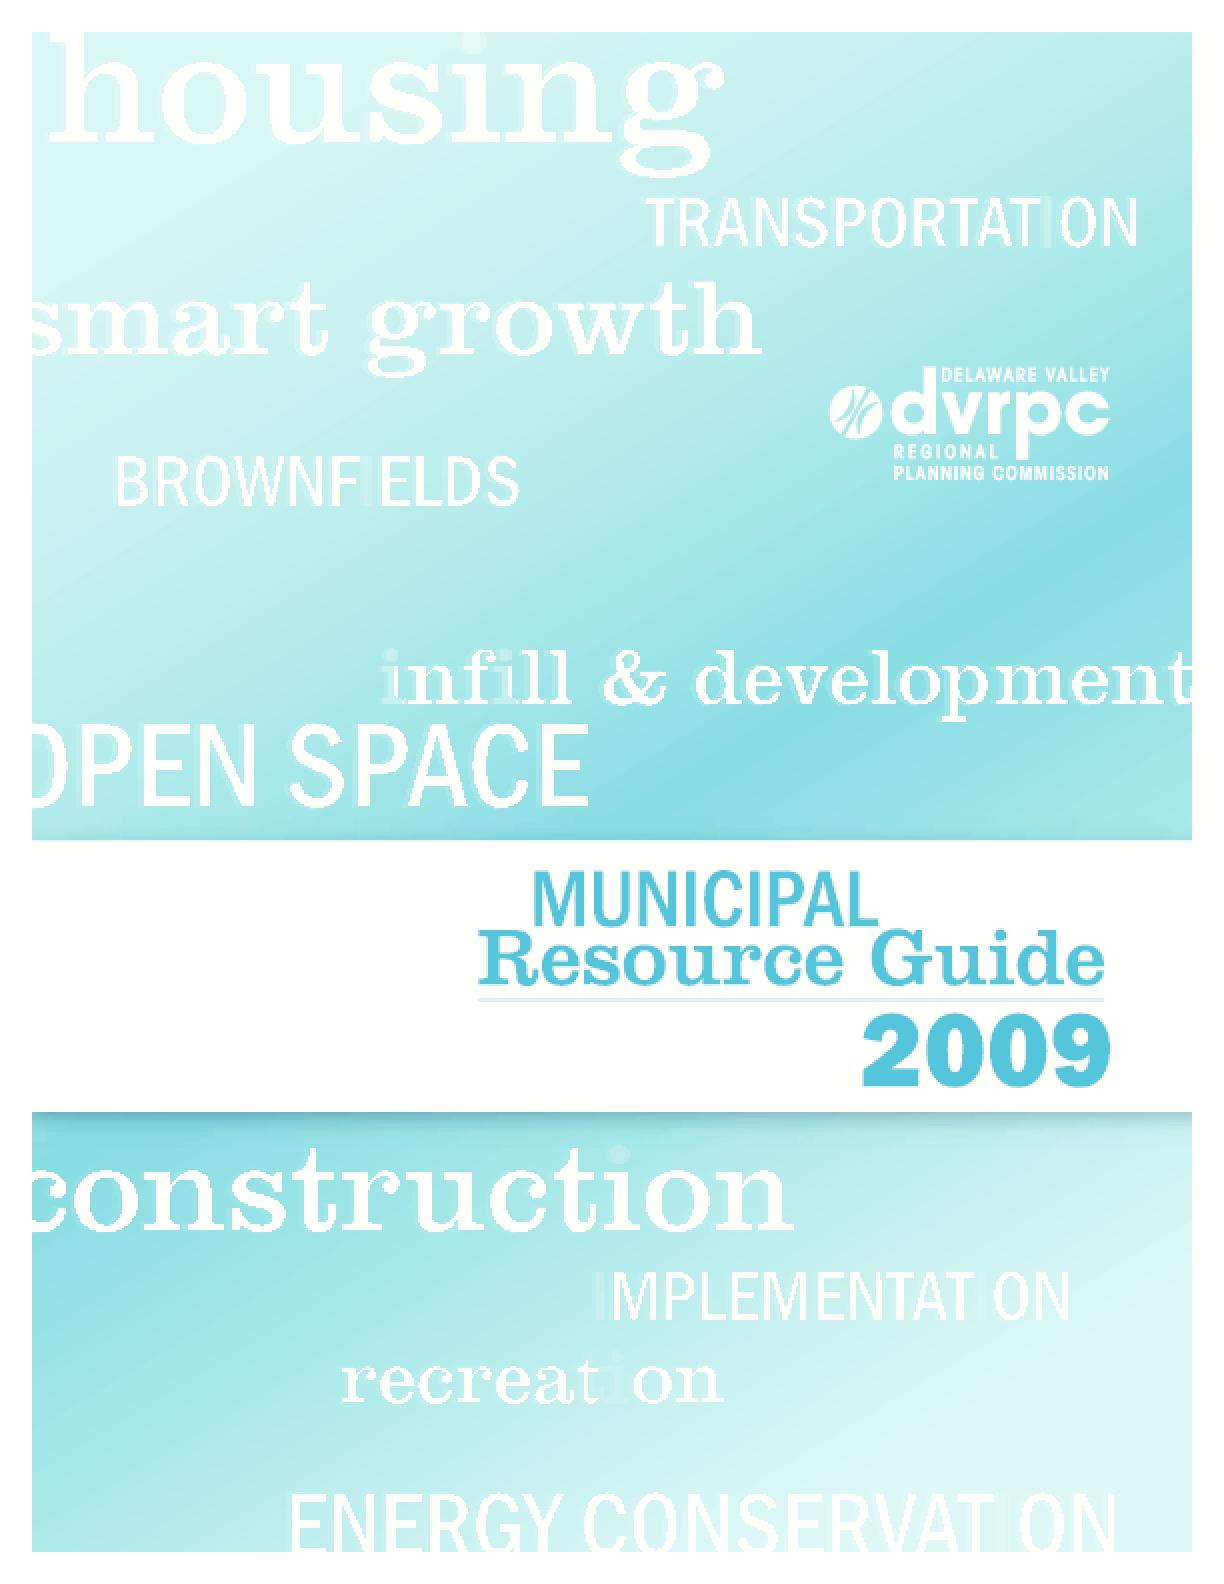 Municipal Resource Guide 2009